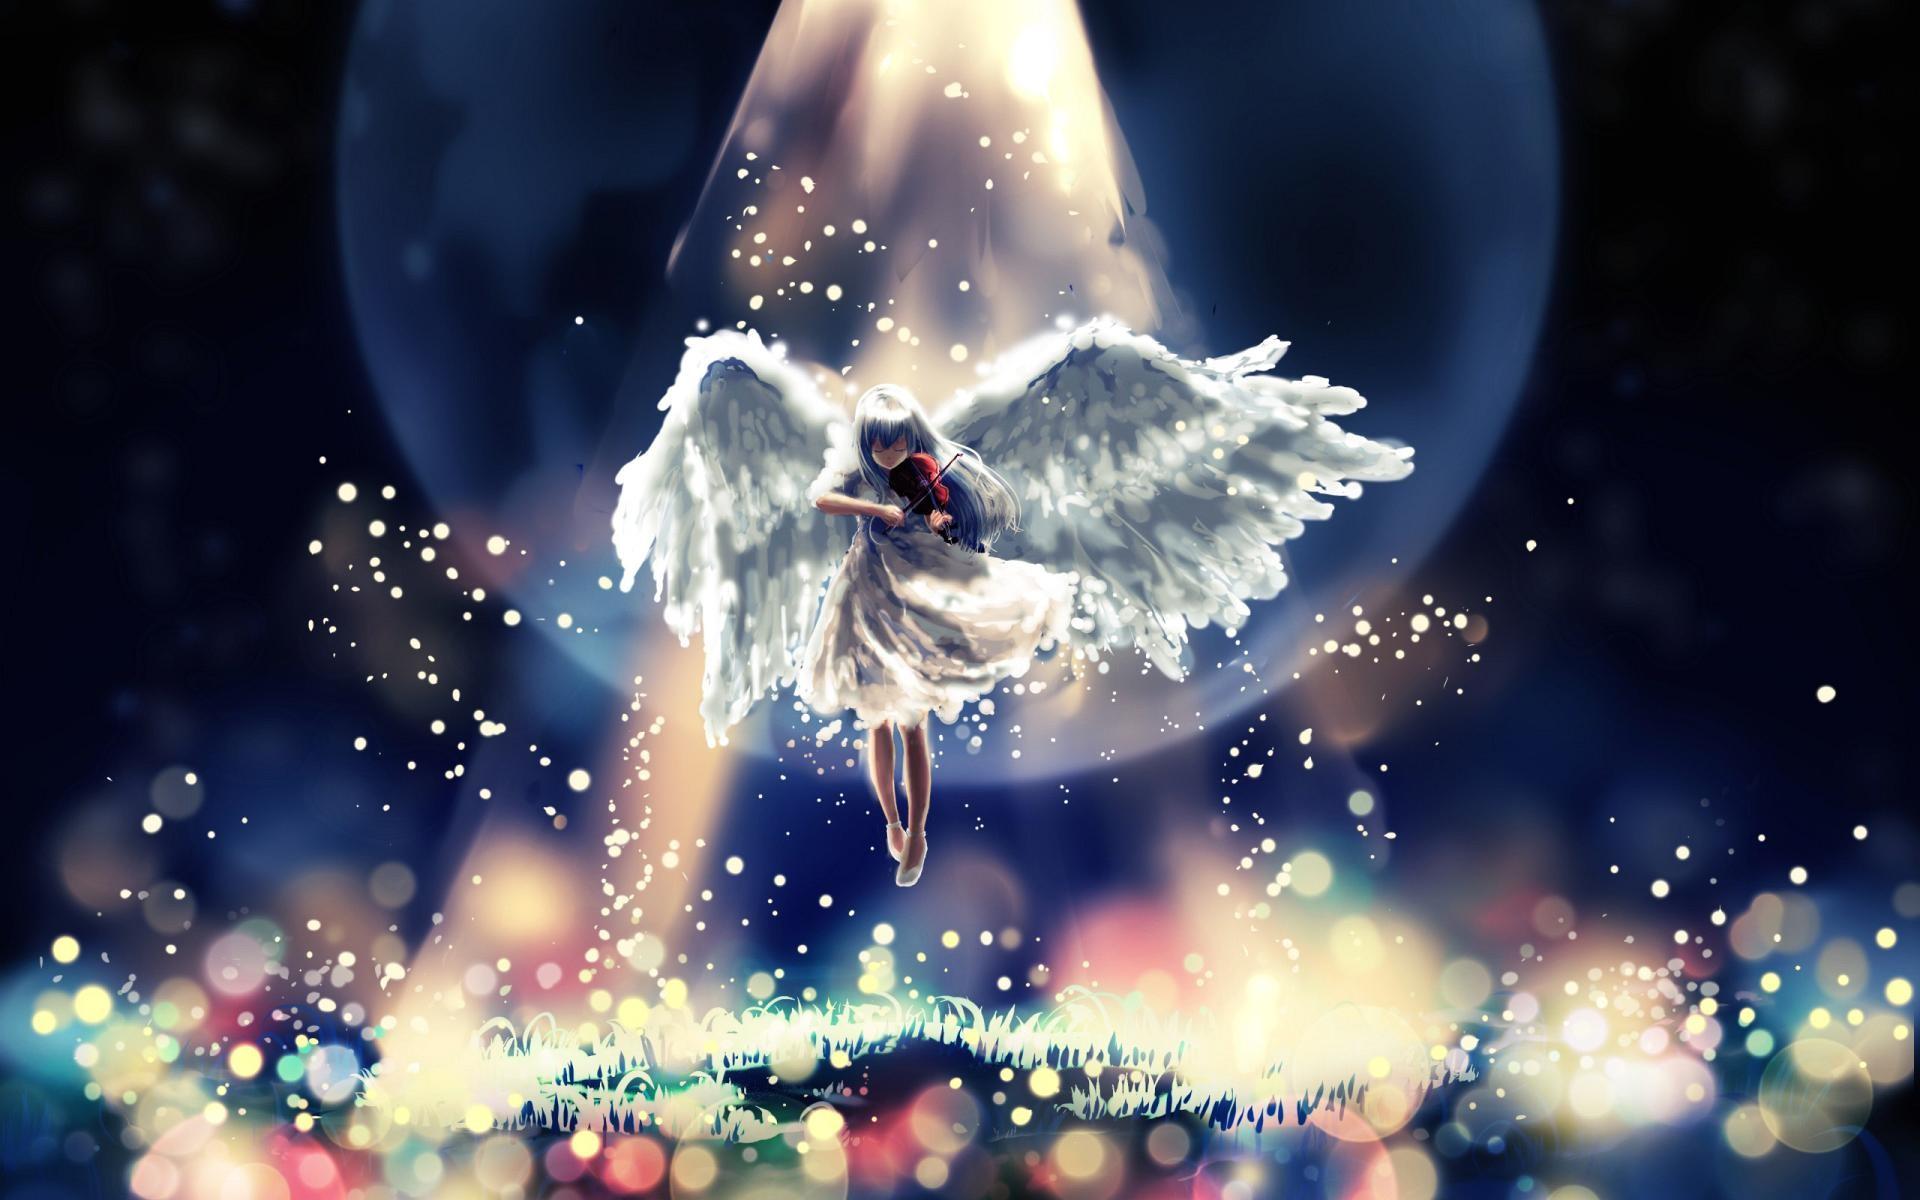 … wallpaper-angel-anime.jpg …